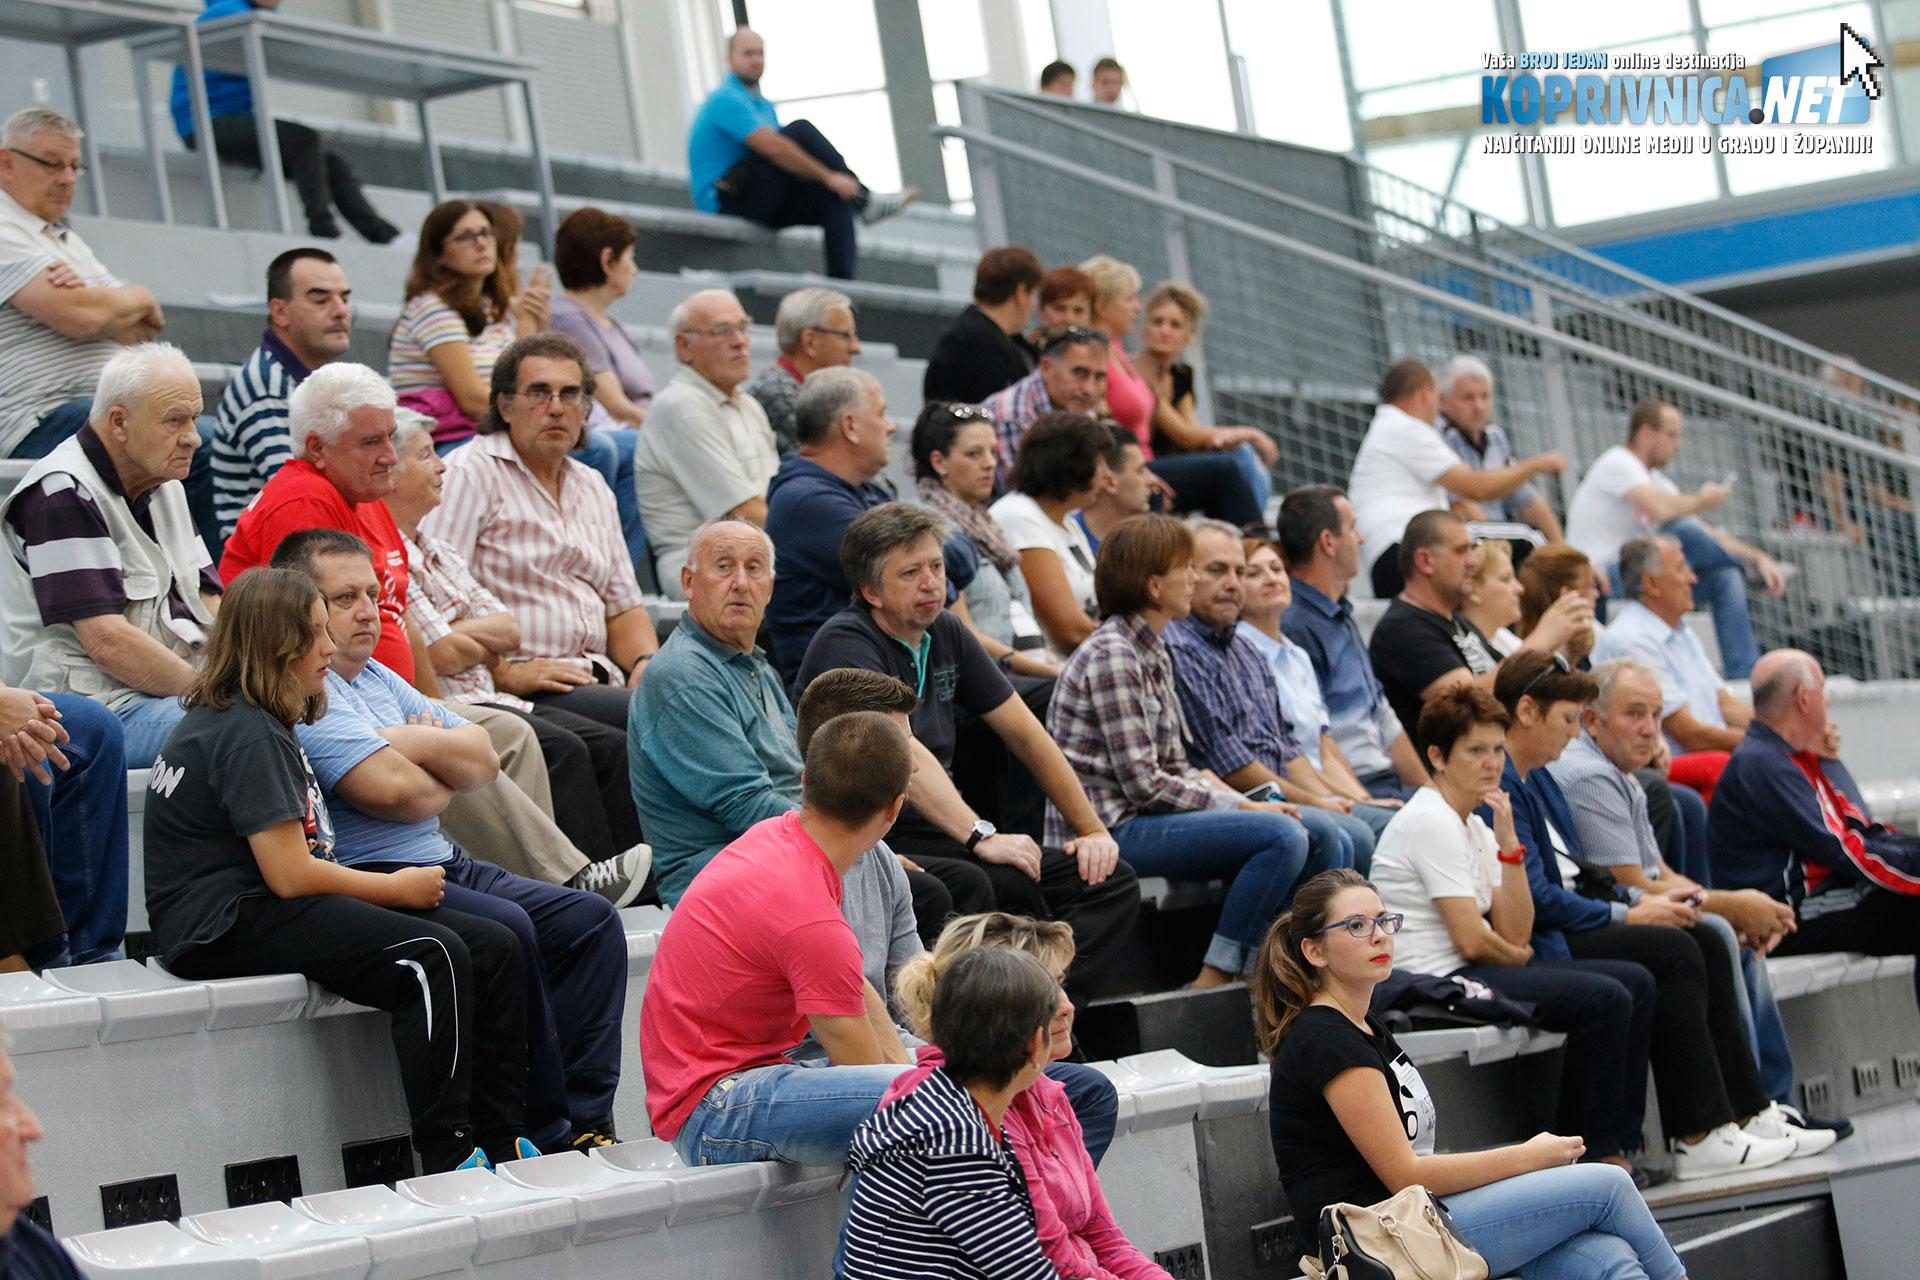 Utakmicu je došla pogledati i predsjednica Nadzornog odbora RK Podravke Olivija Jakupec // Foto: Mario Kos